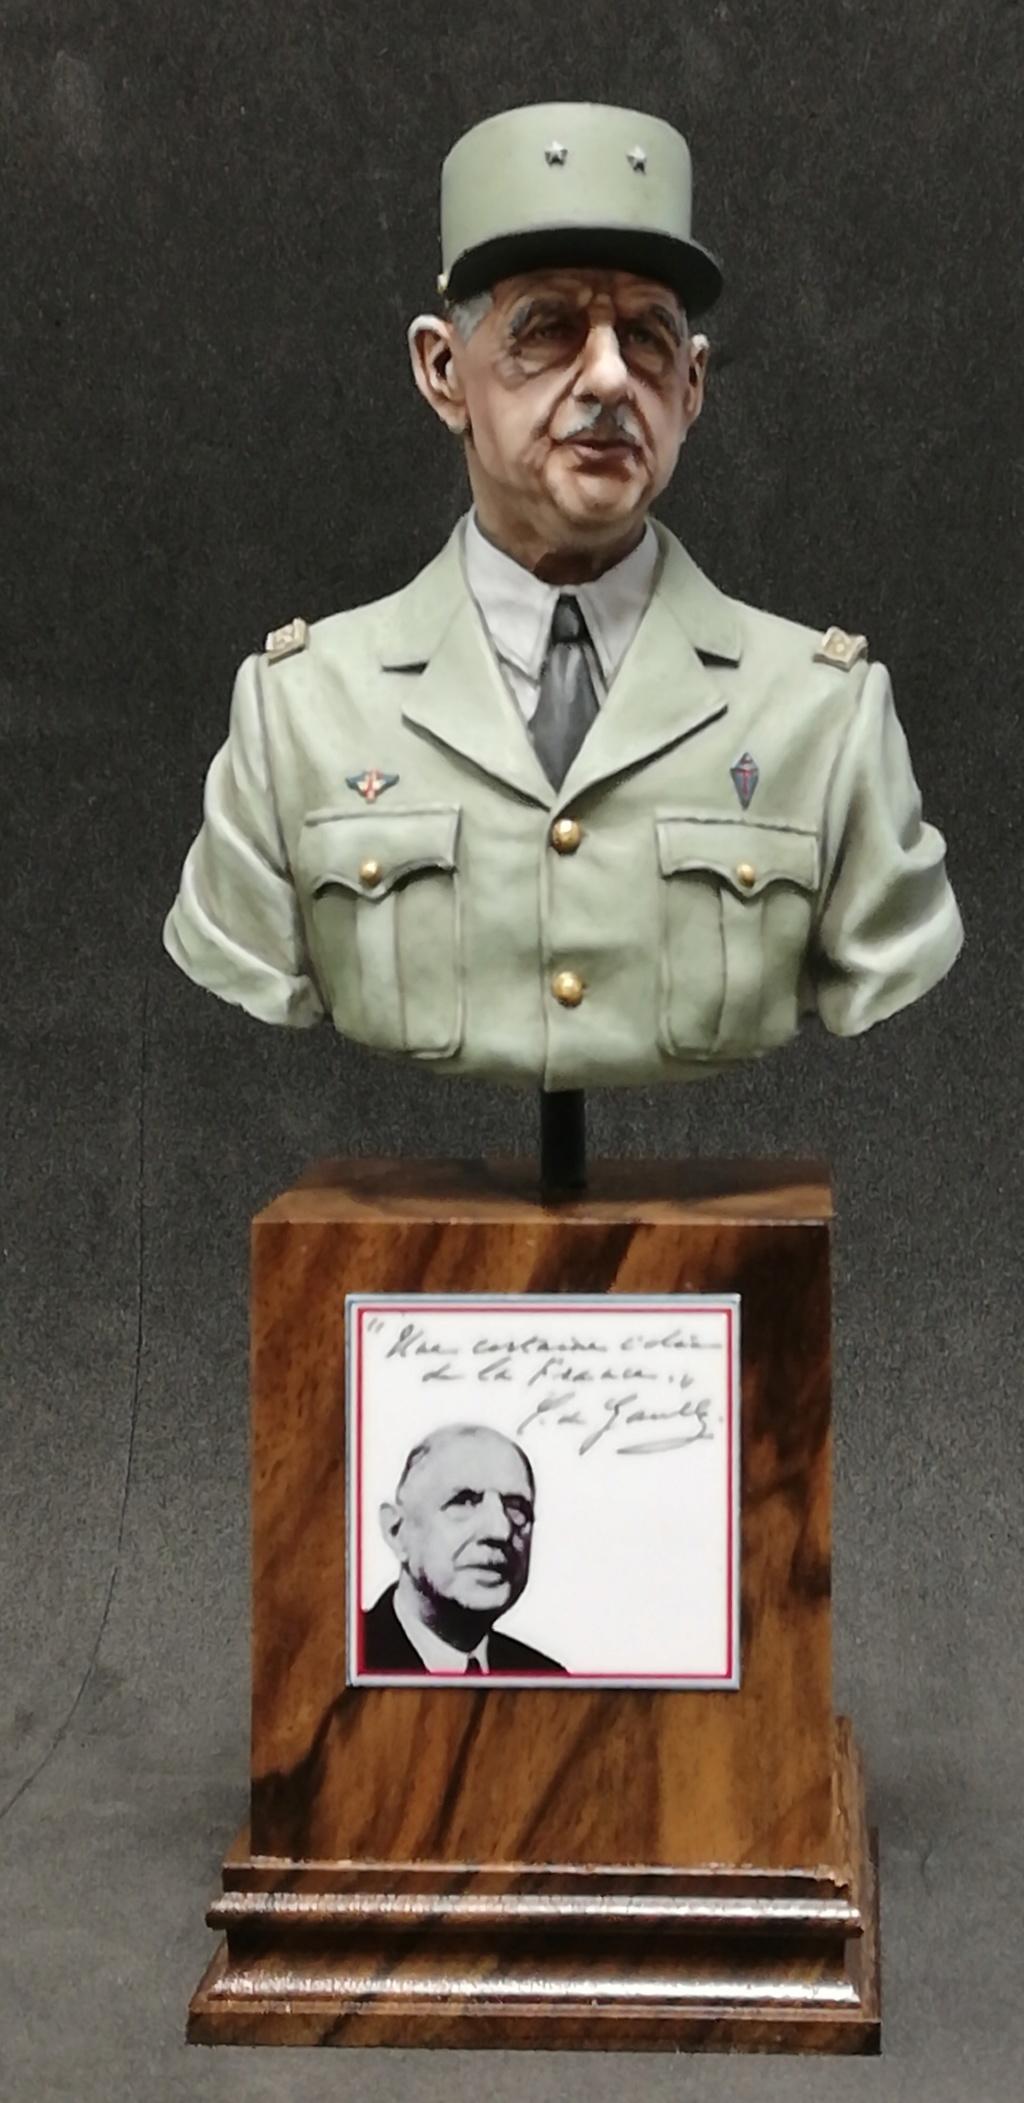 De Gaulle terminé Gaul1910